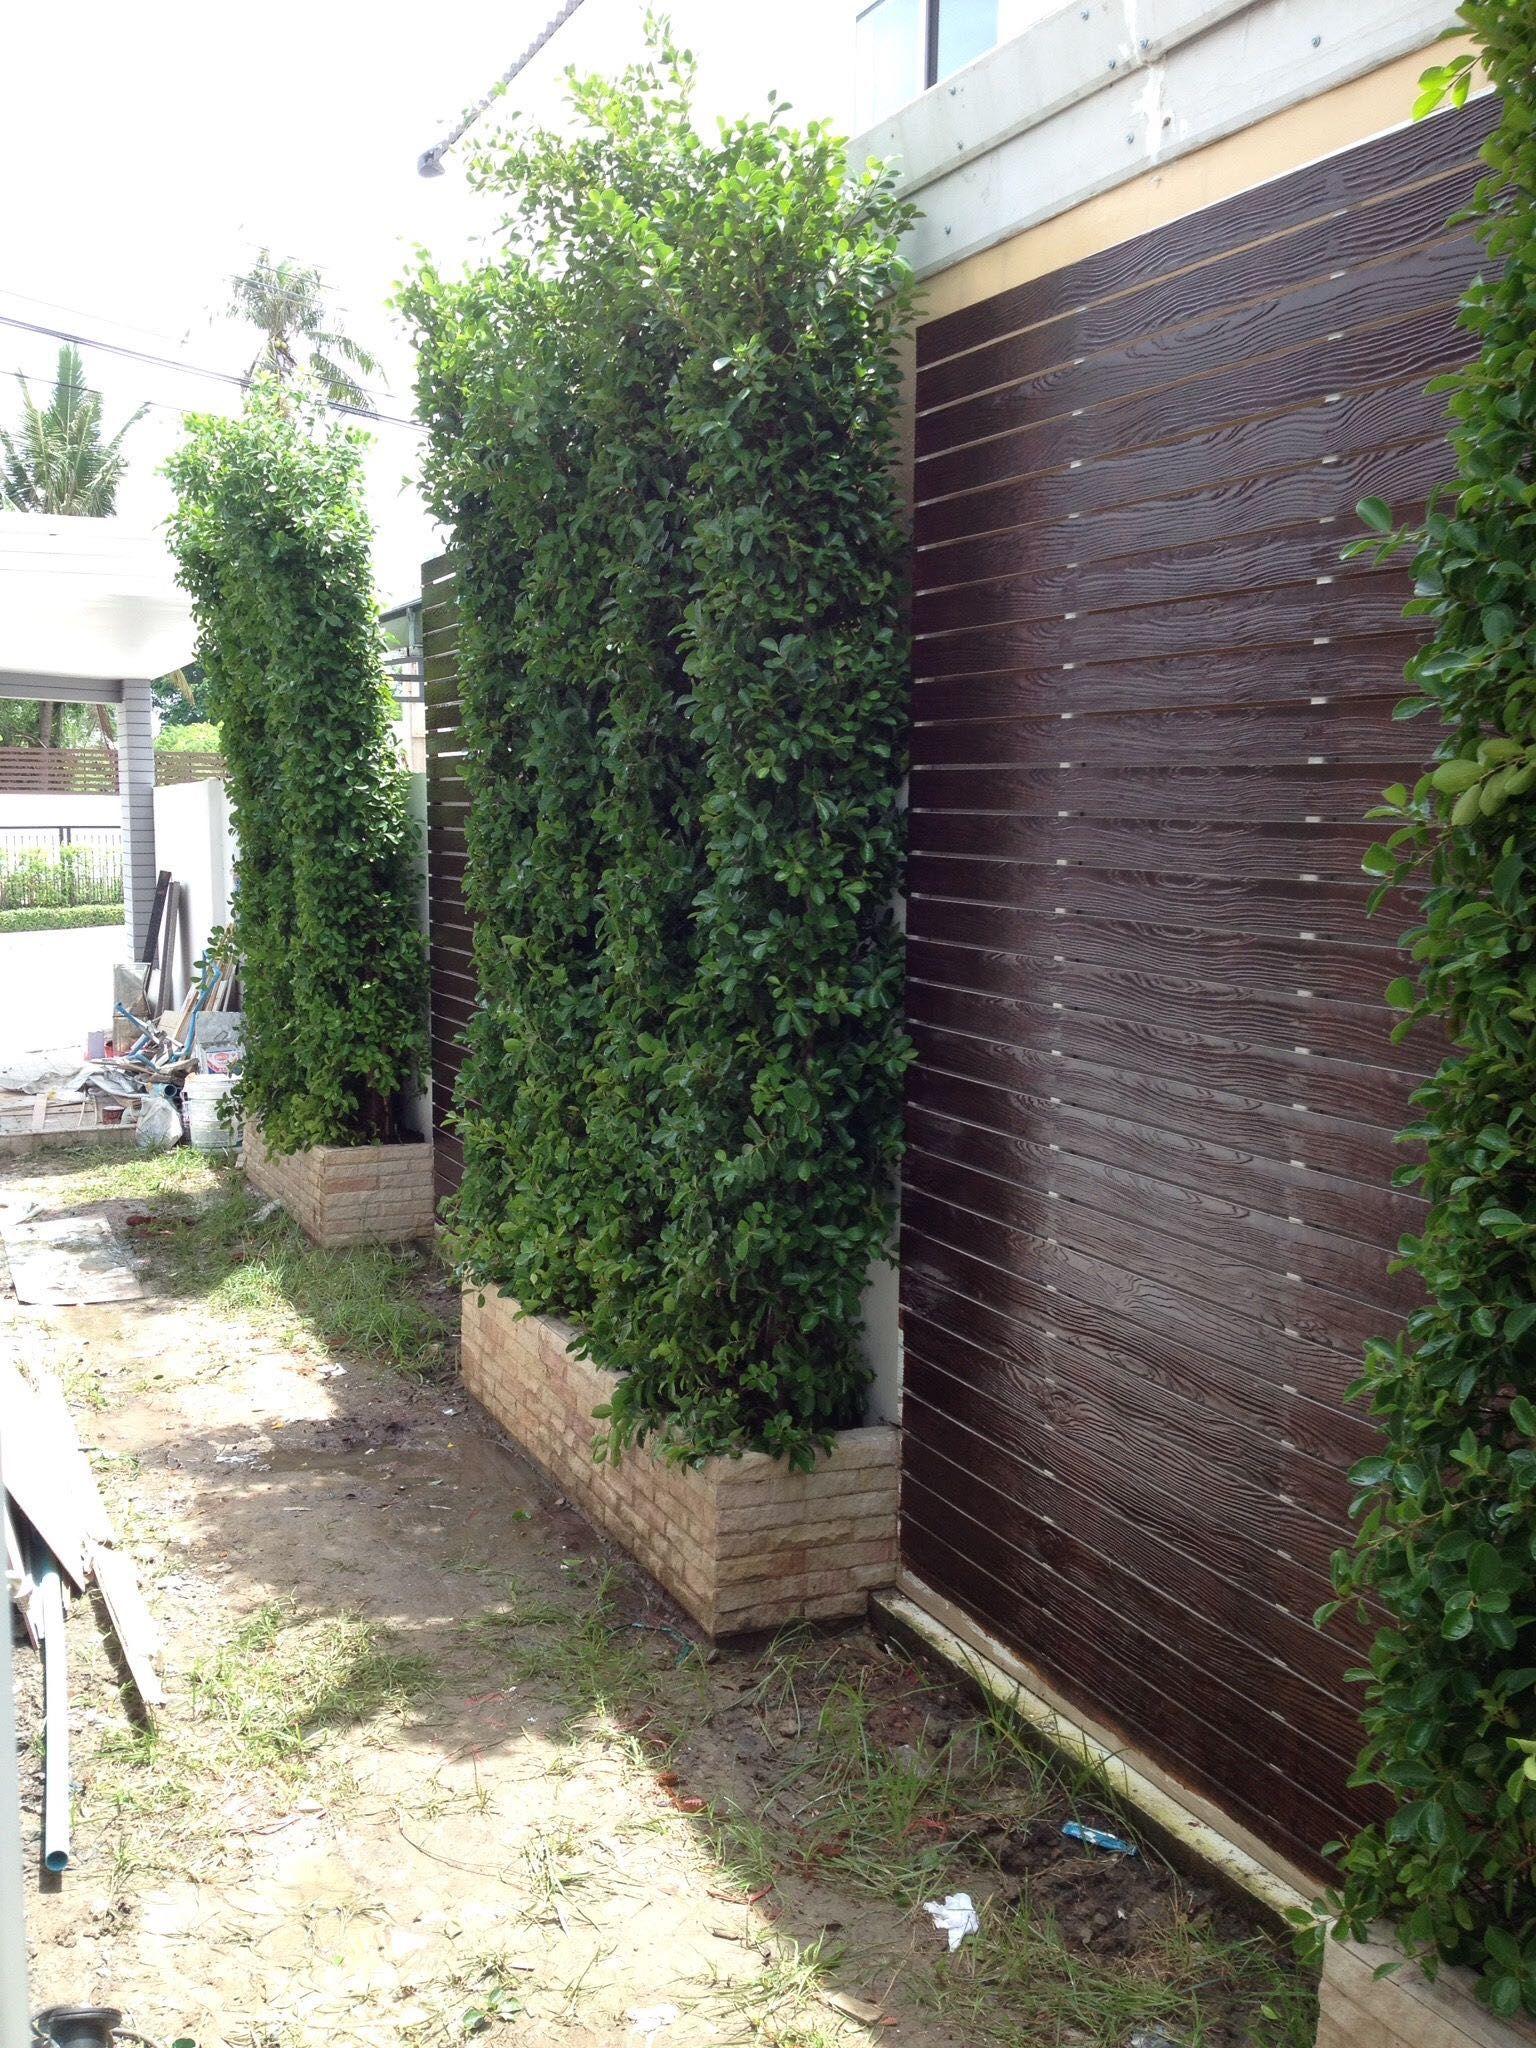 Google jardin pinterest macetas for Jardineria al aire libre casa pendiente